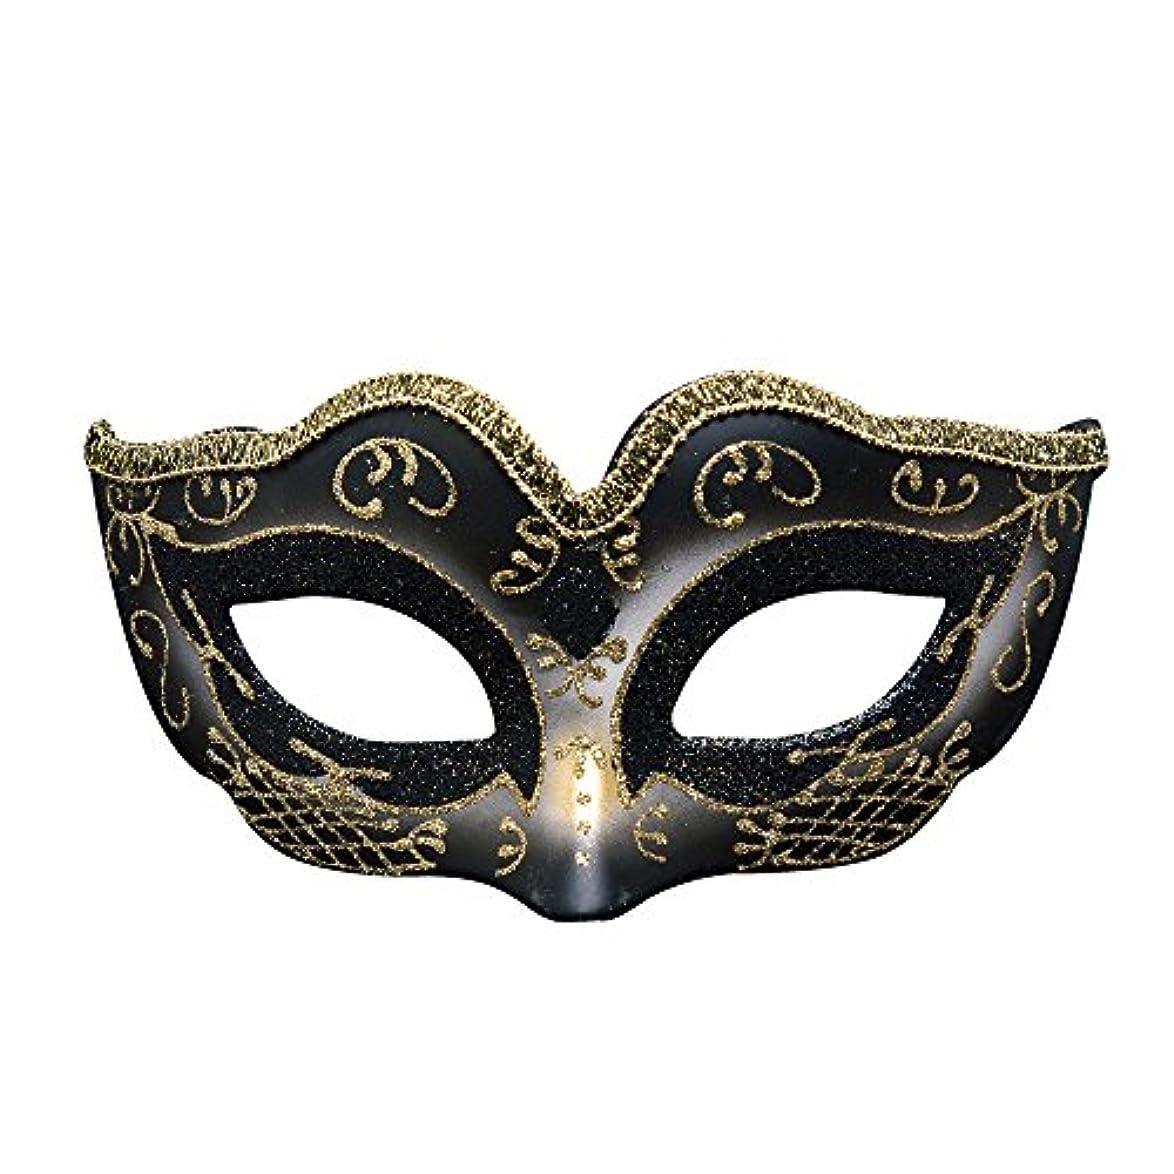 唯一カール太字クリエイティブキッズマスカレードパーティーハロウィンマスククリスマス雰囲気マスク (Color : #5)